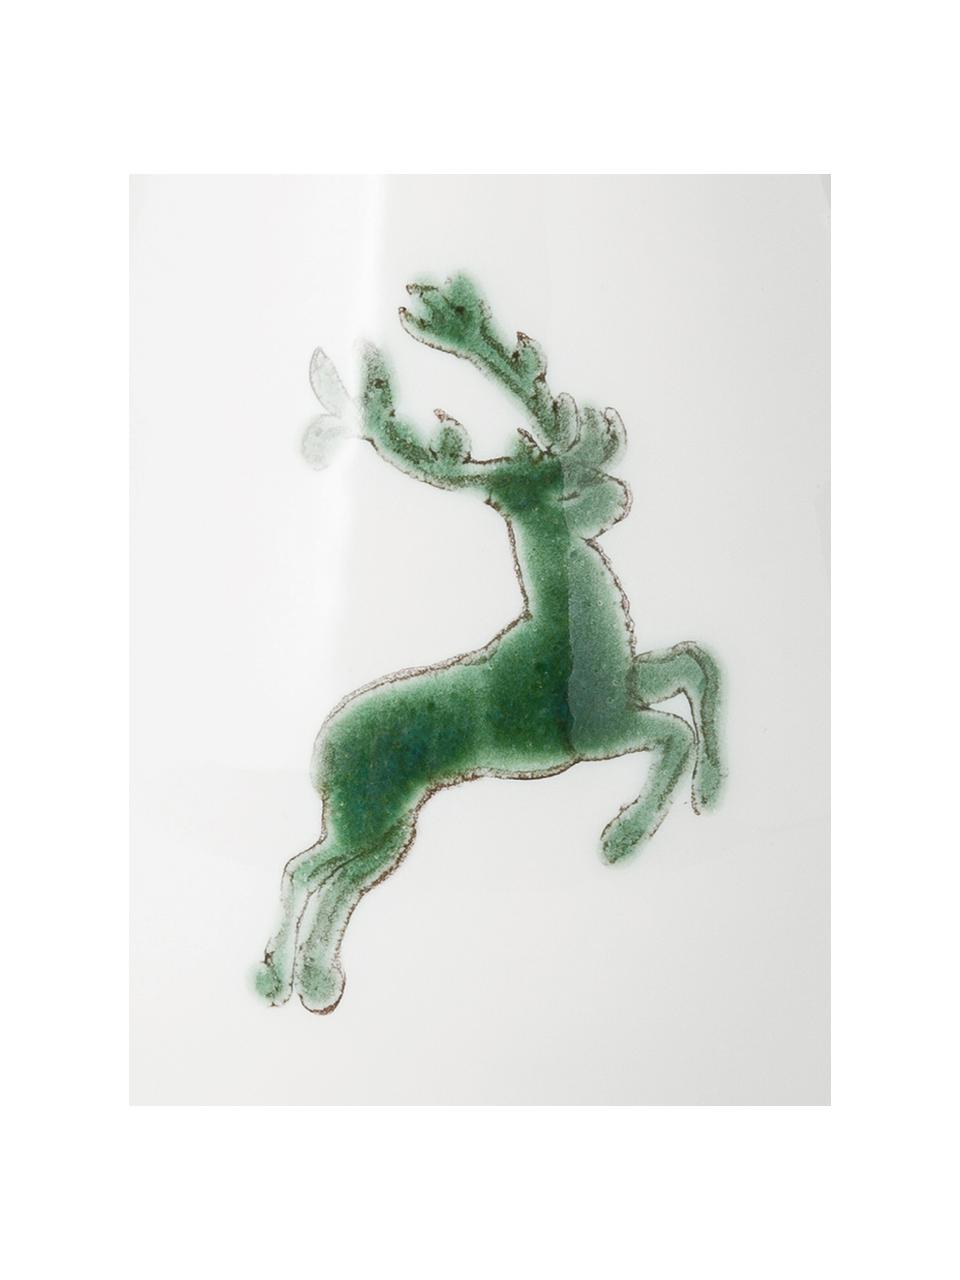 Ręcznie malowana pieprzniczka Gourmet Grüner Hirsch, Ceramika, Zielony, biały, S 4 x W 6 cm